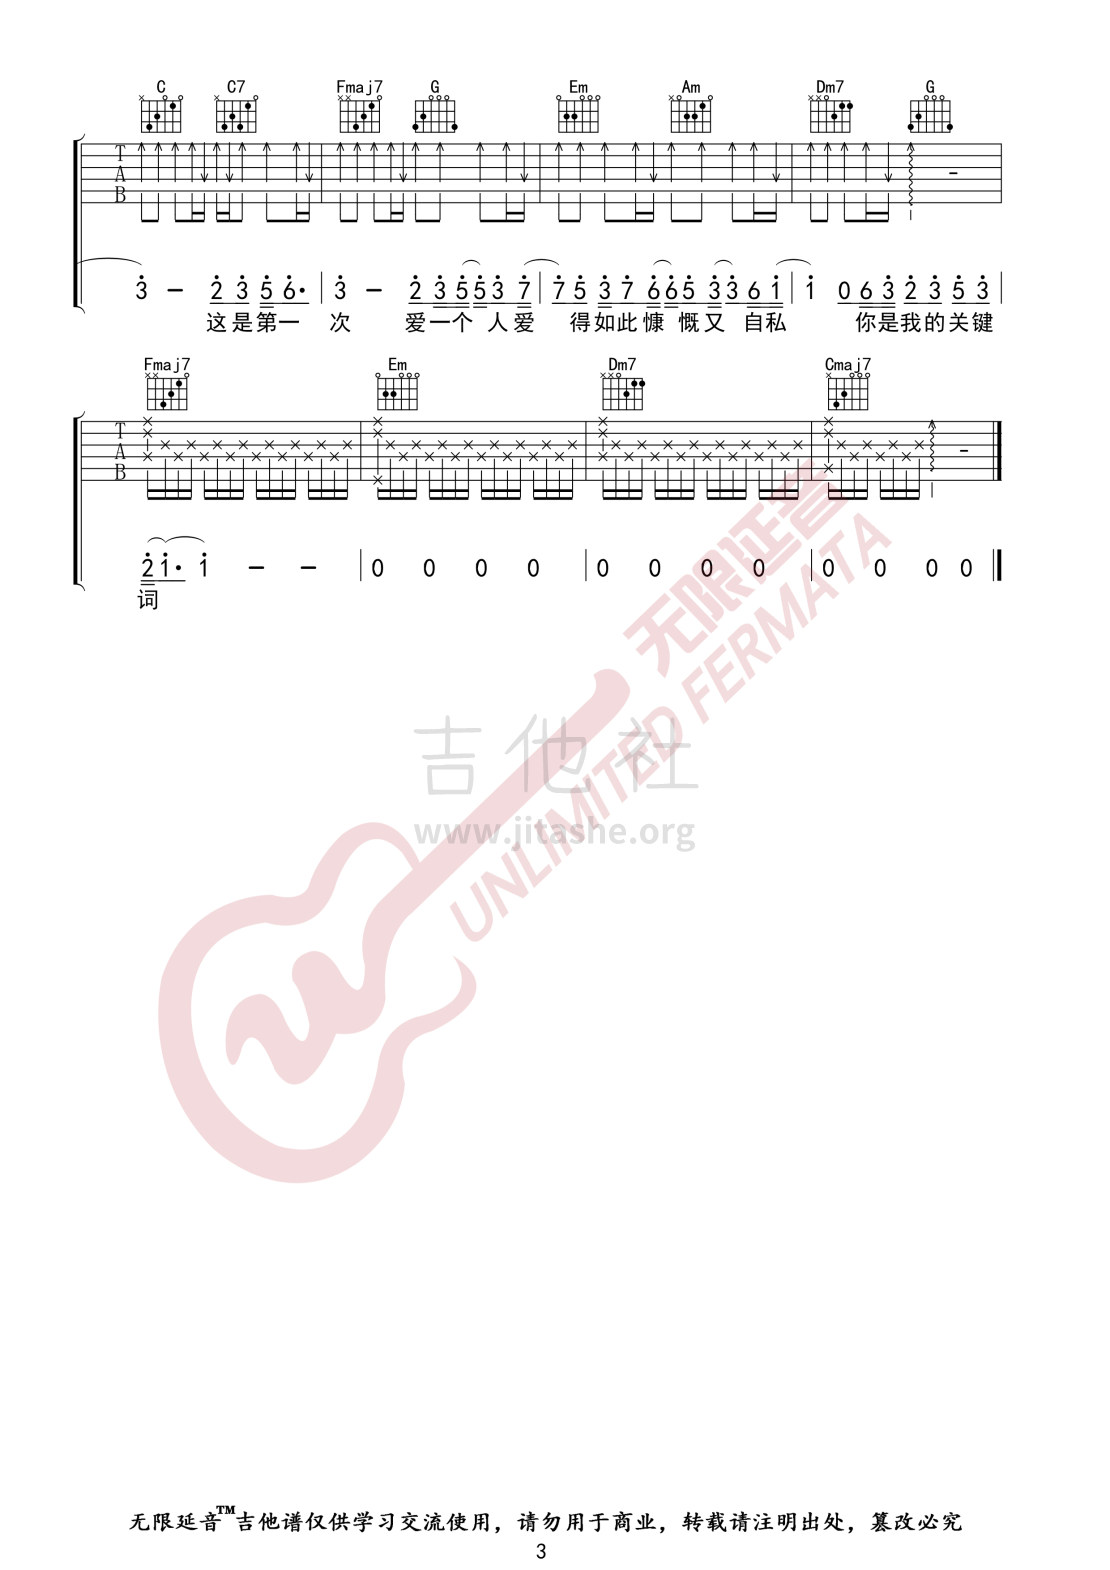 关键词(无限延音编配)吉他谱(图片谱,无限延音编配,弹唱)_林俊杰(JJ)_关键词03.jpg